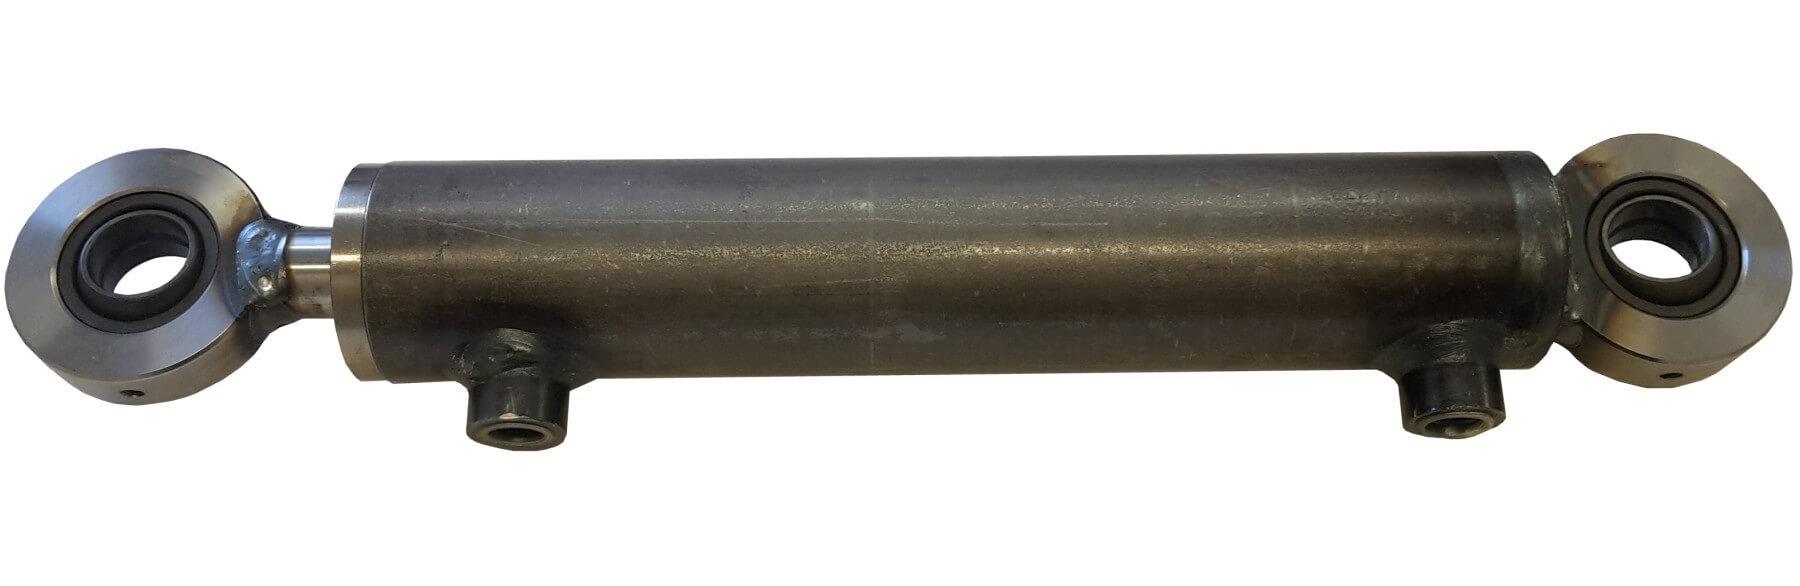 Hydraulisylinteri CL 60. 30. 550 GE - Kailatec Oy Verkkokauppa